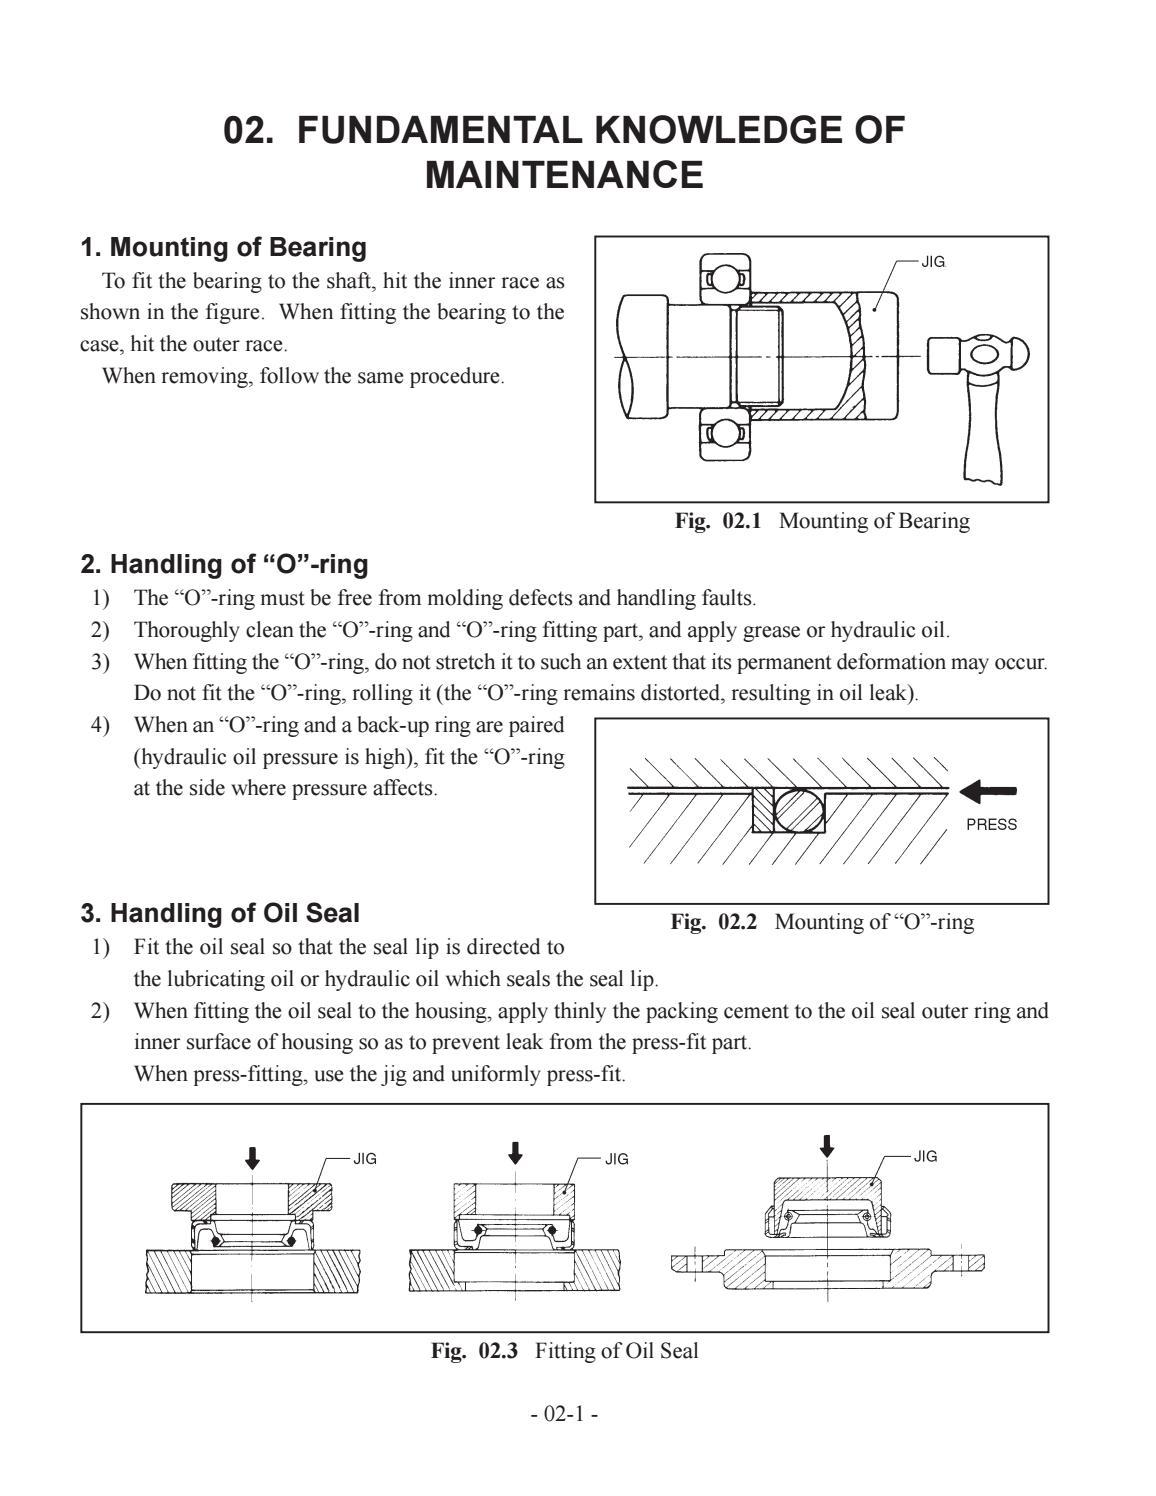 Hitachi LX110-7 LX130-7 LX160-7 LX190-7 LX230-7 Wheel Loader Workshop Manual - PDF DOWNLOAD page 12